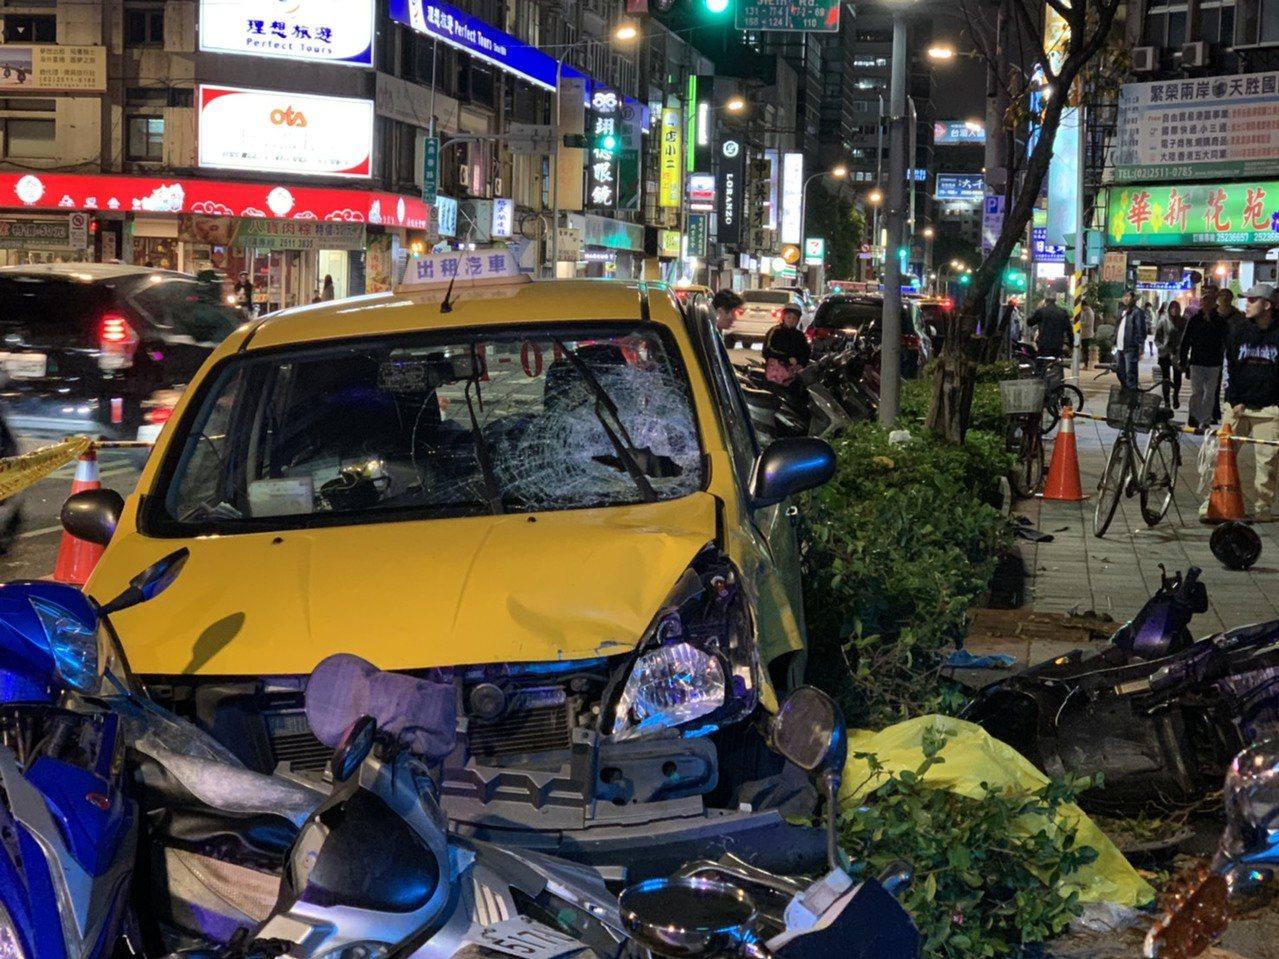 台北市中山區吉林國小前,今晚5時許1輛計程車疑似失控,衝撞碰多輛停放路邊的機車,...